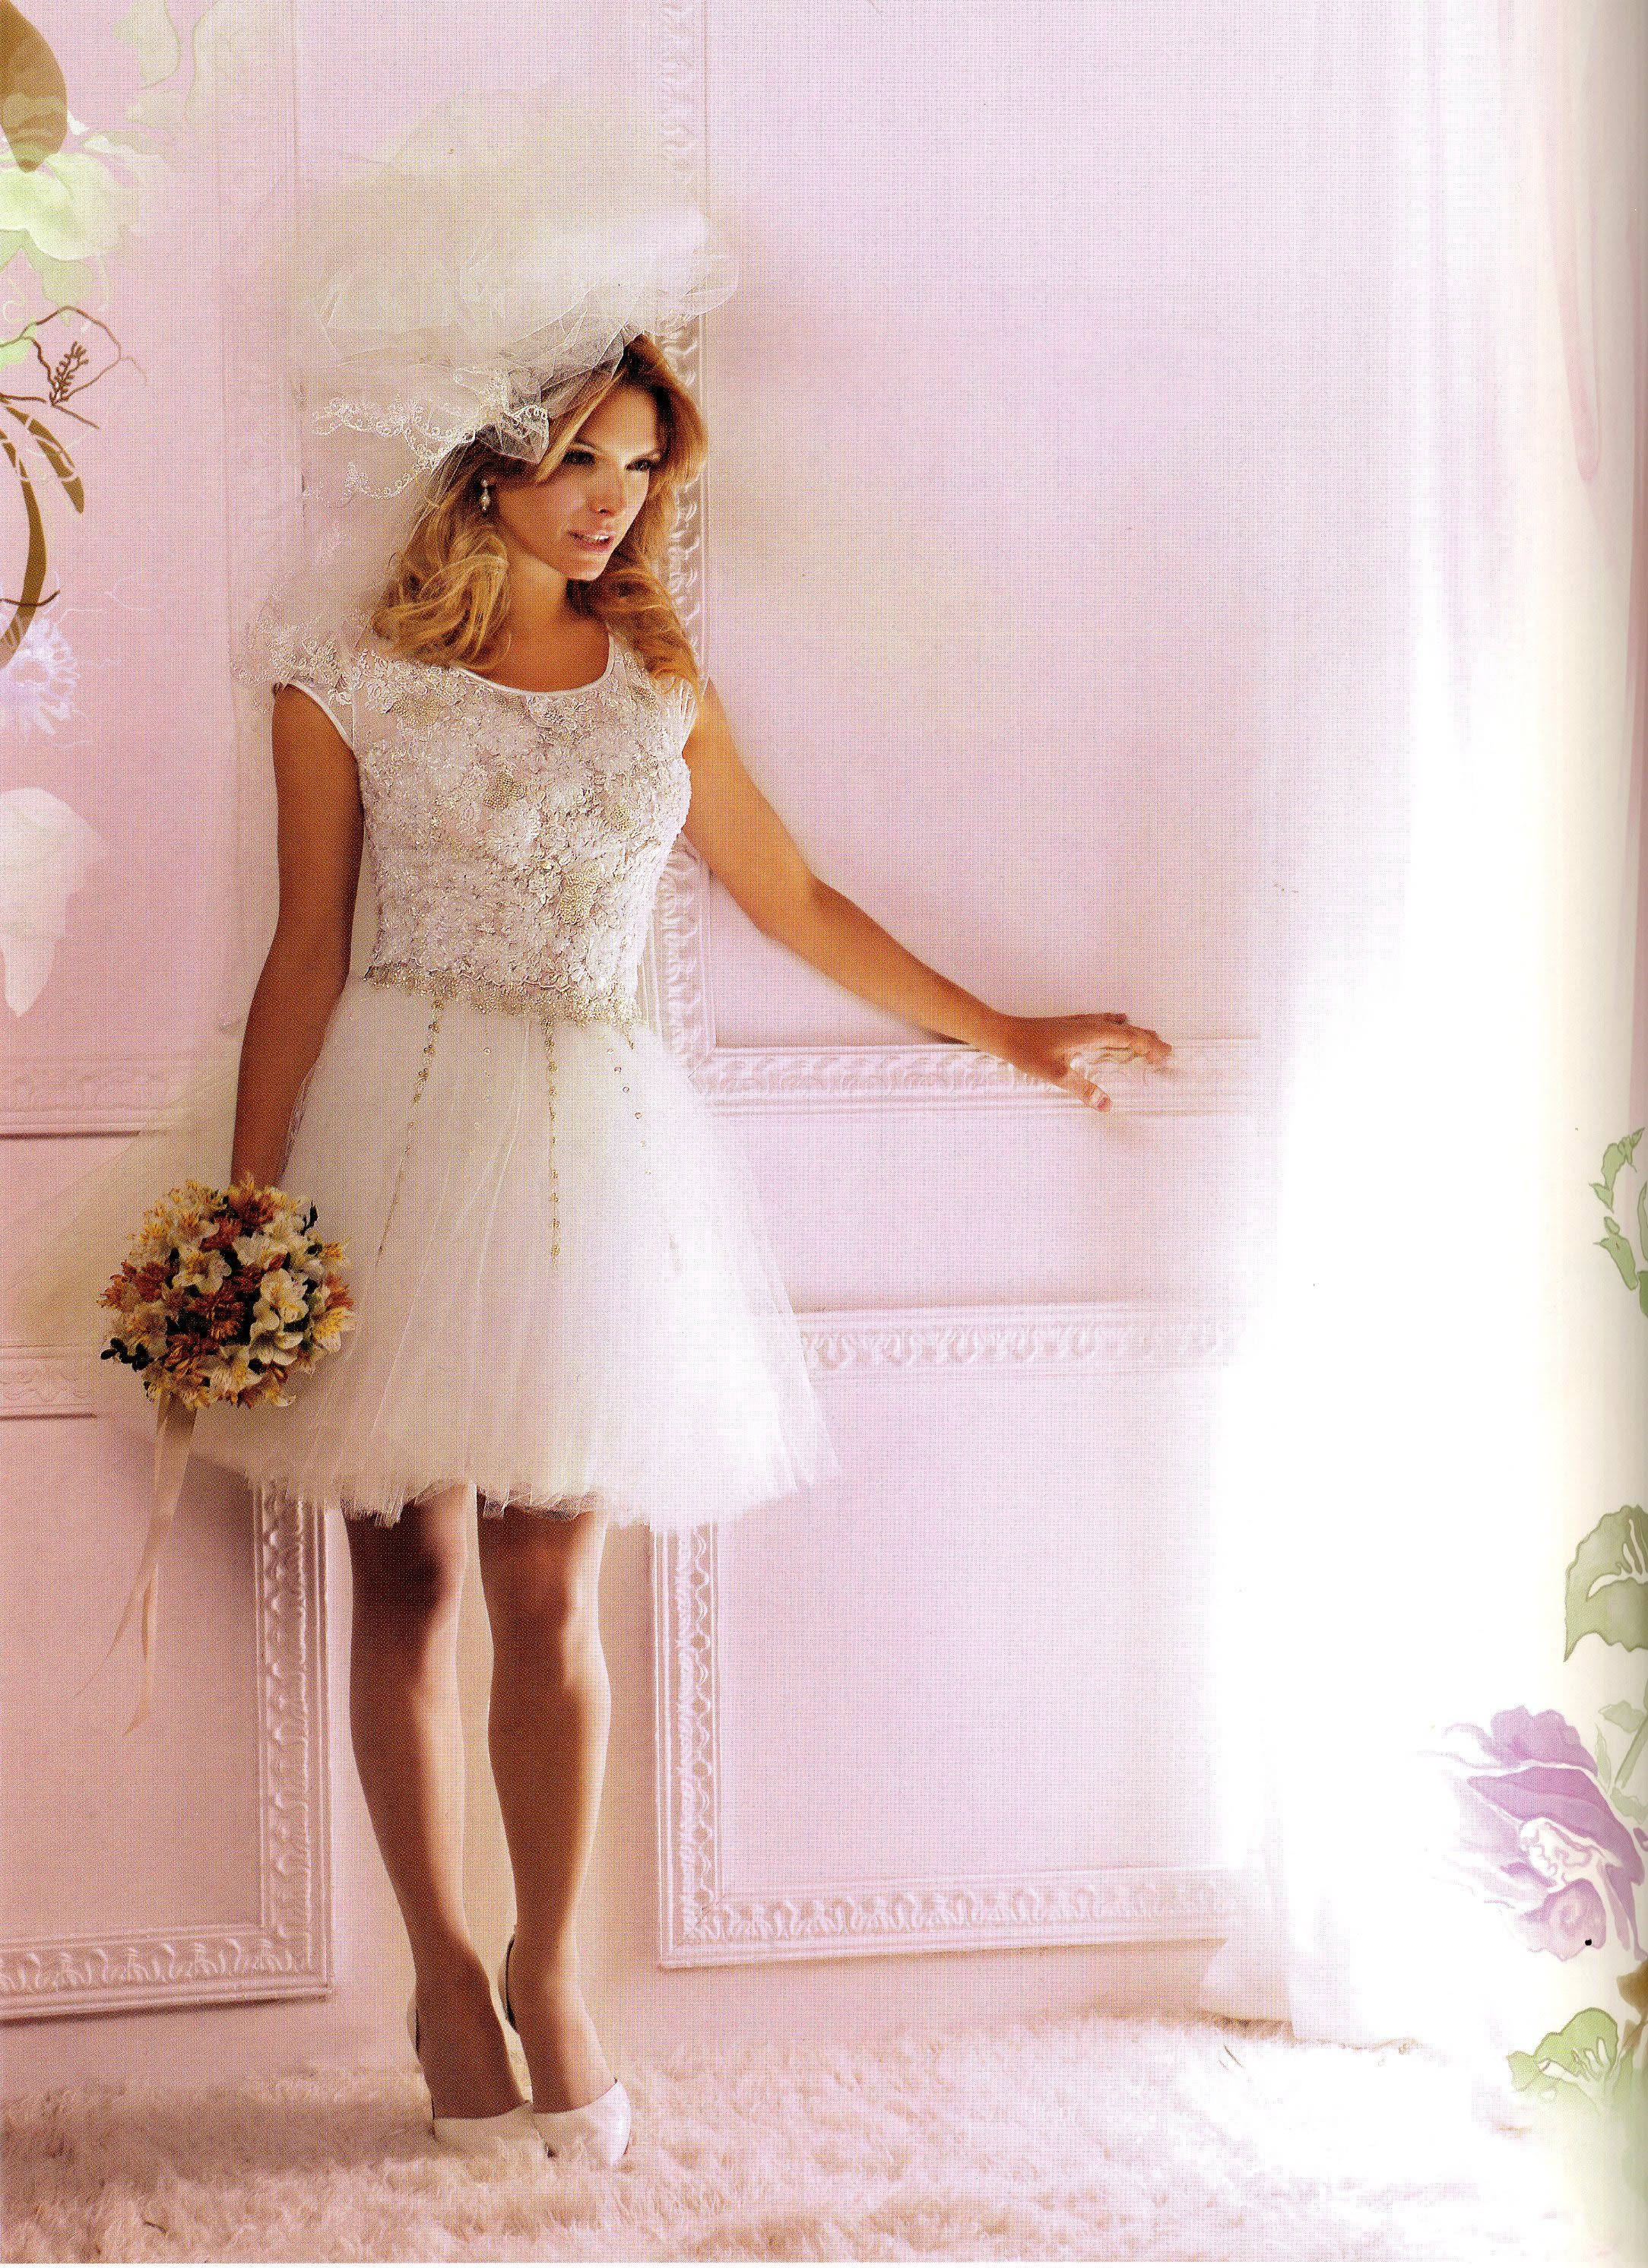 Vestido de novia corto, con tules y bordados Reina Juliette!.. ideal ...